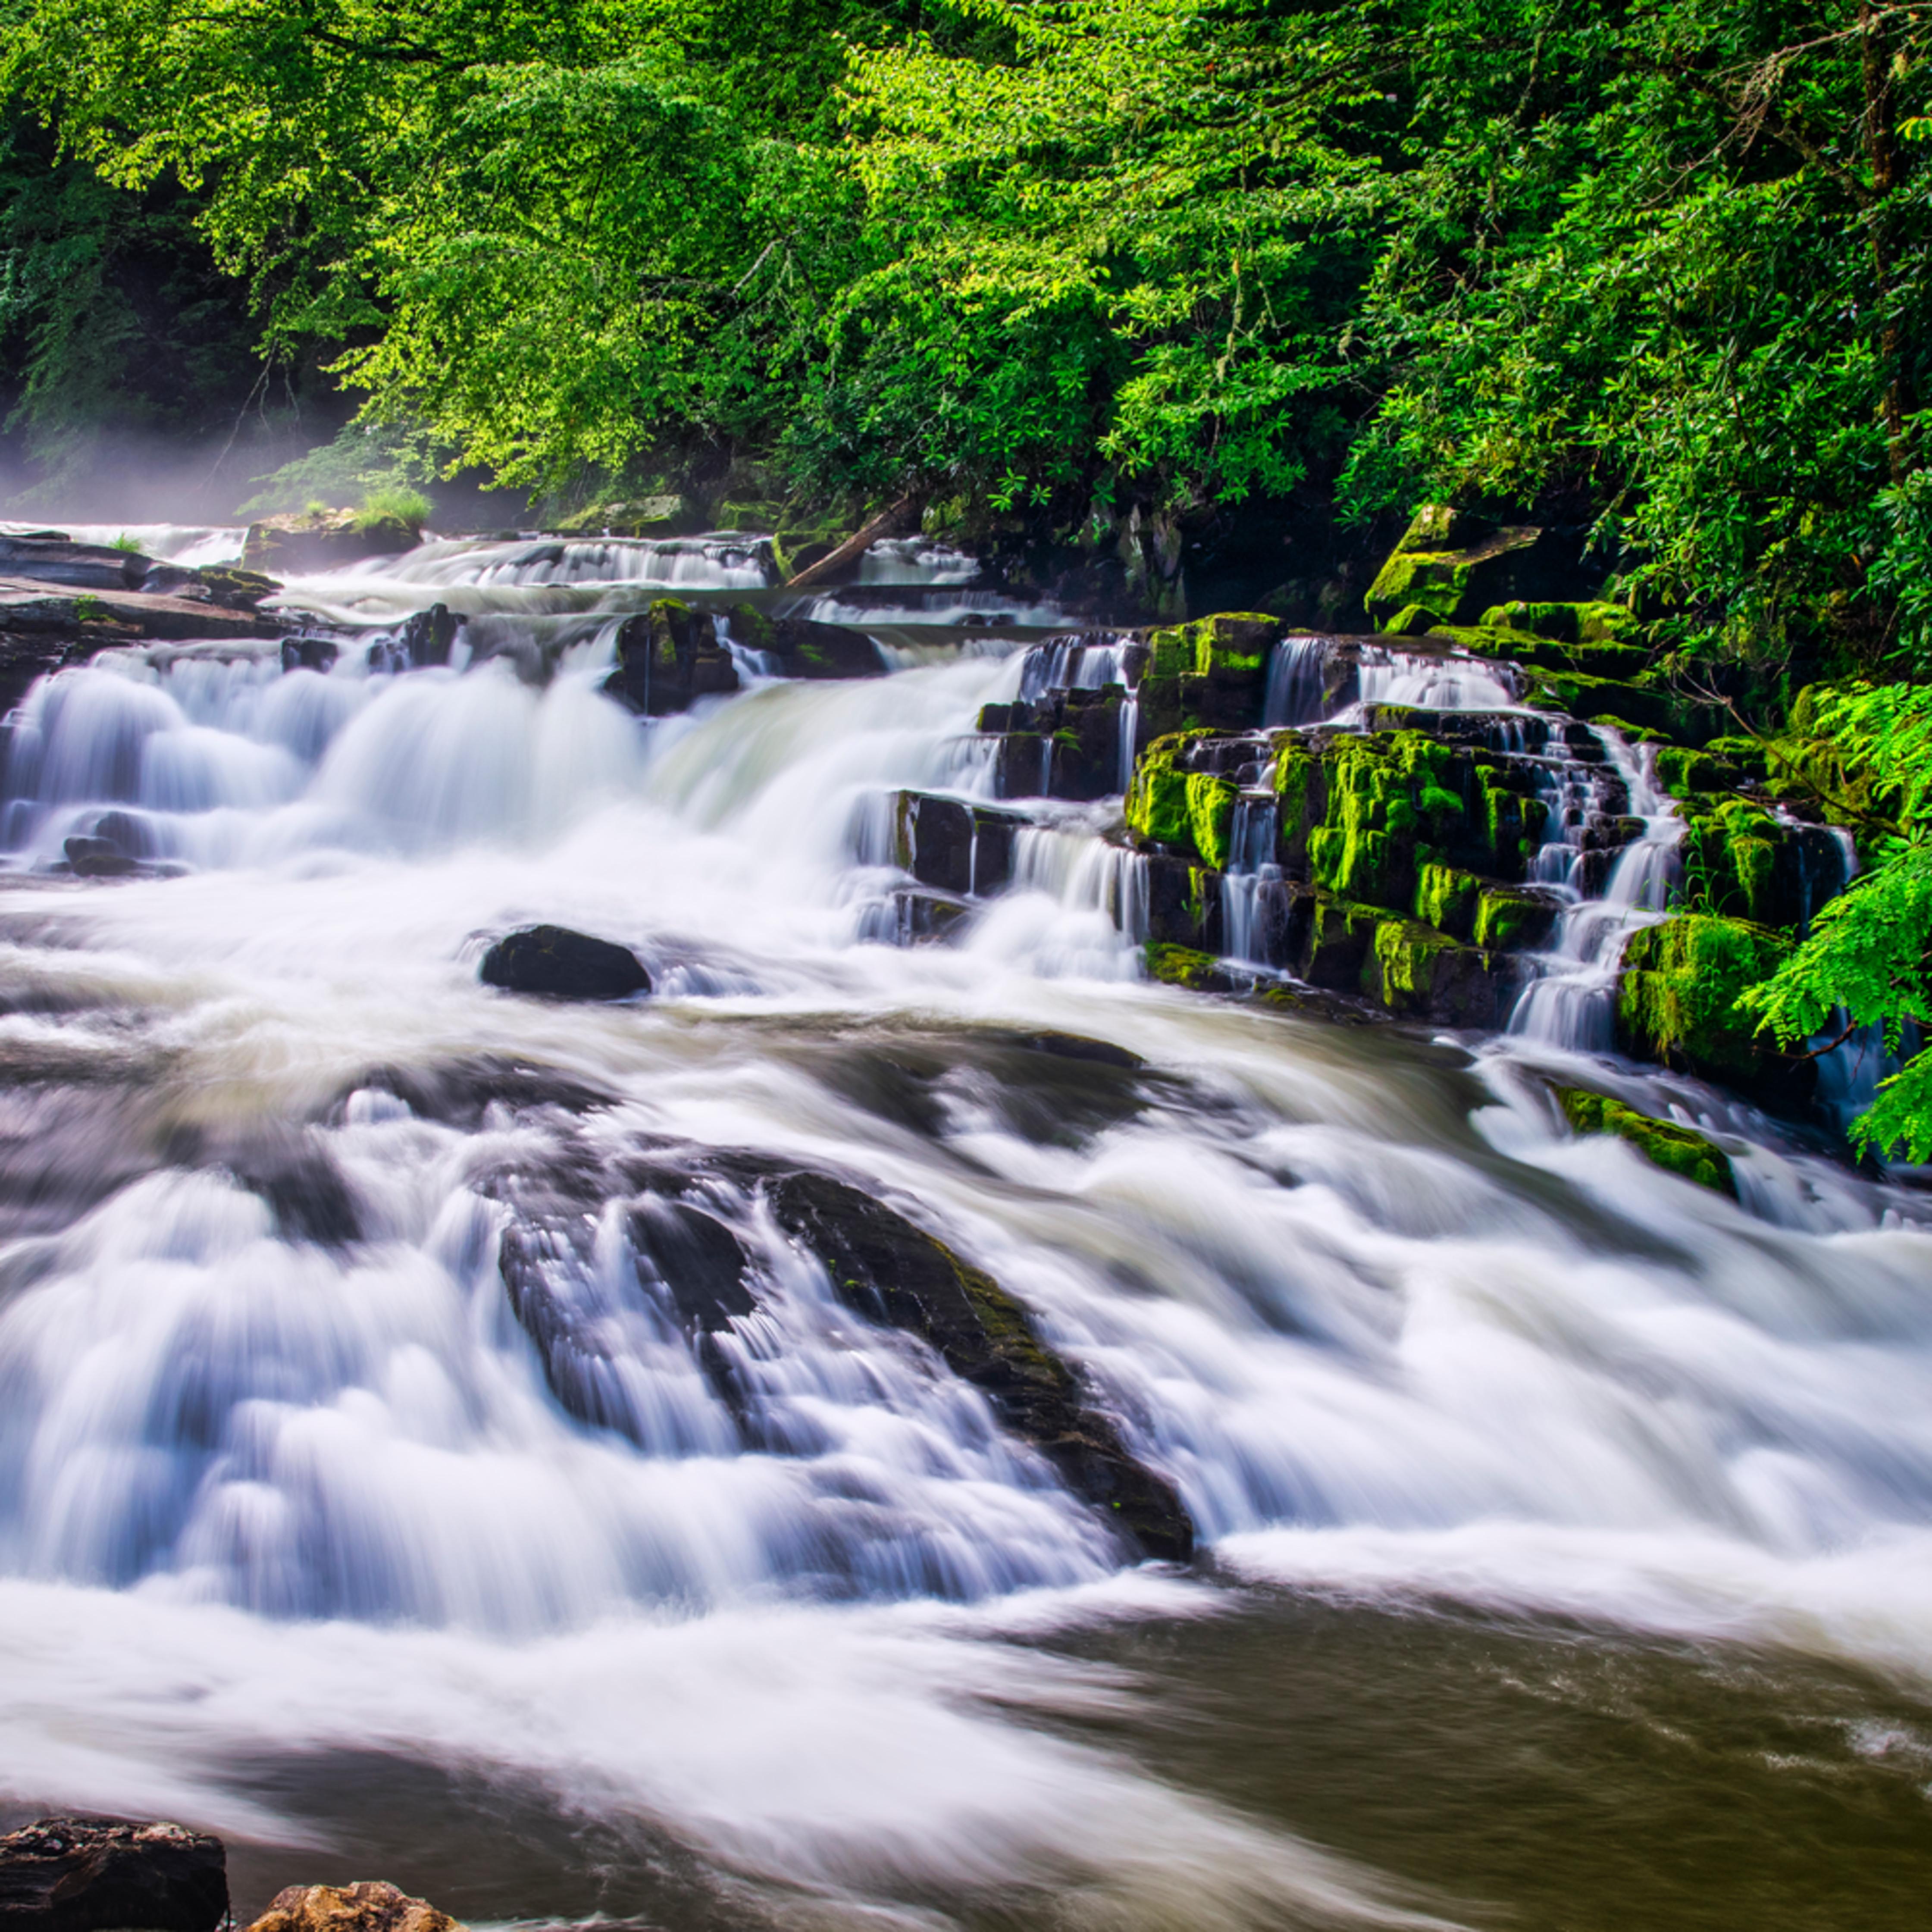 Andy crawford photography nantahalal river waterfall koacc6